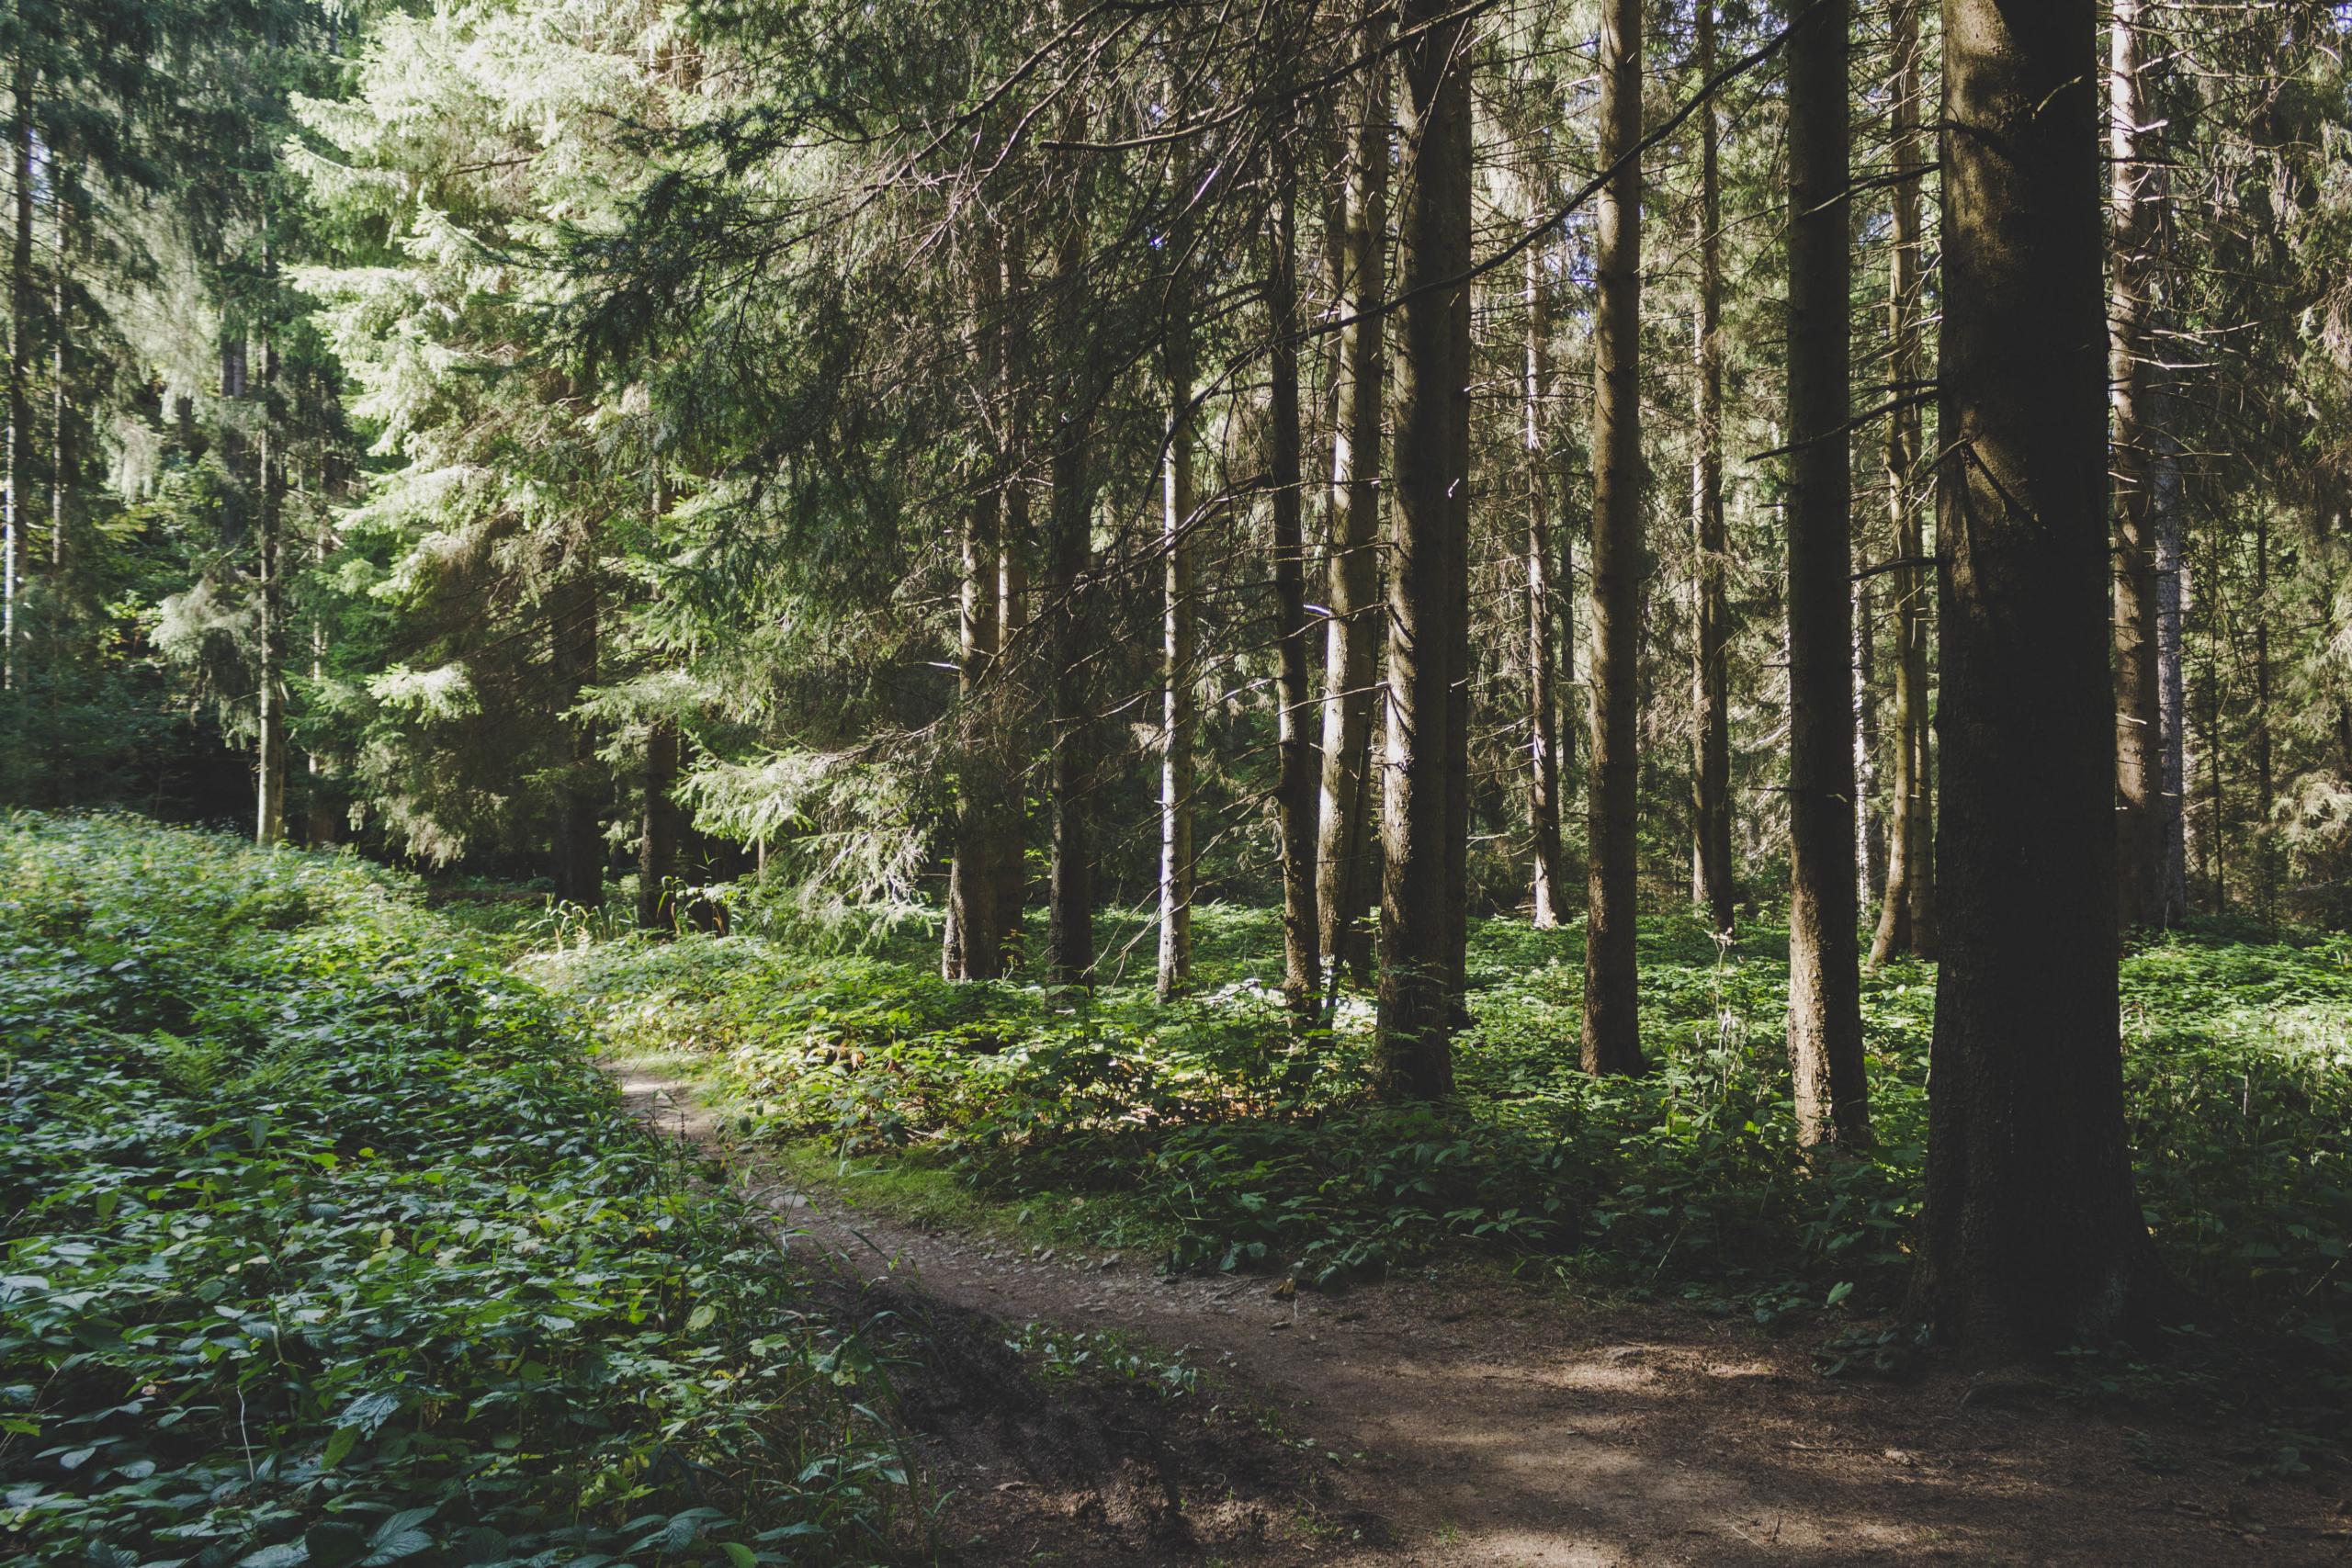 Rundwanderung im Wald nahe Goslar im Harz